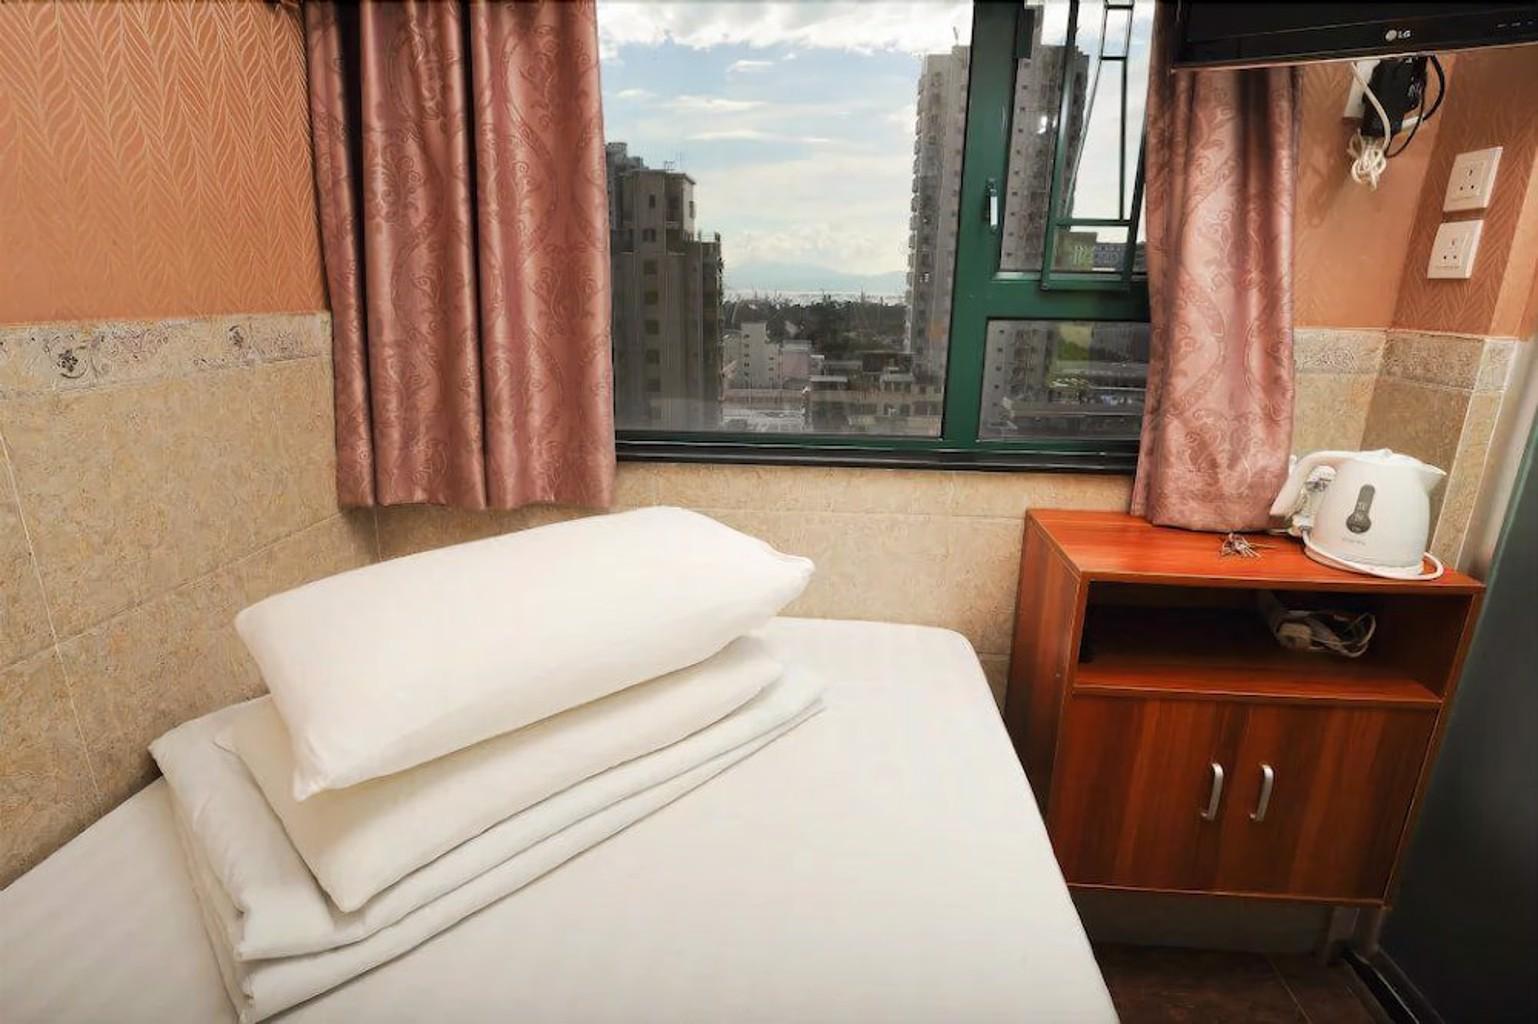 Jin Xiang Hotel Kowloon